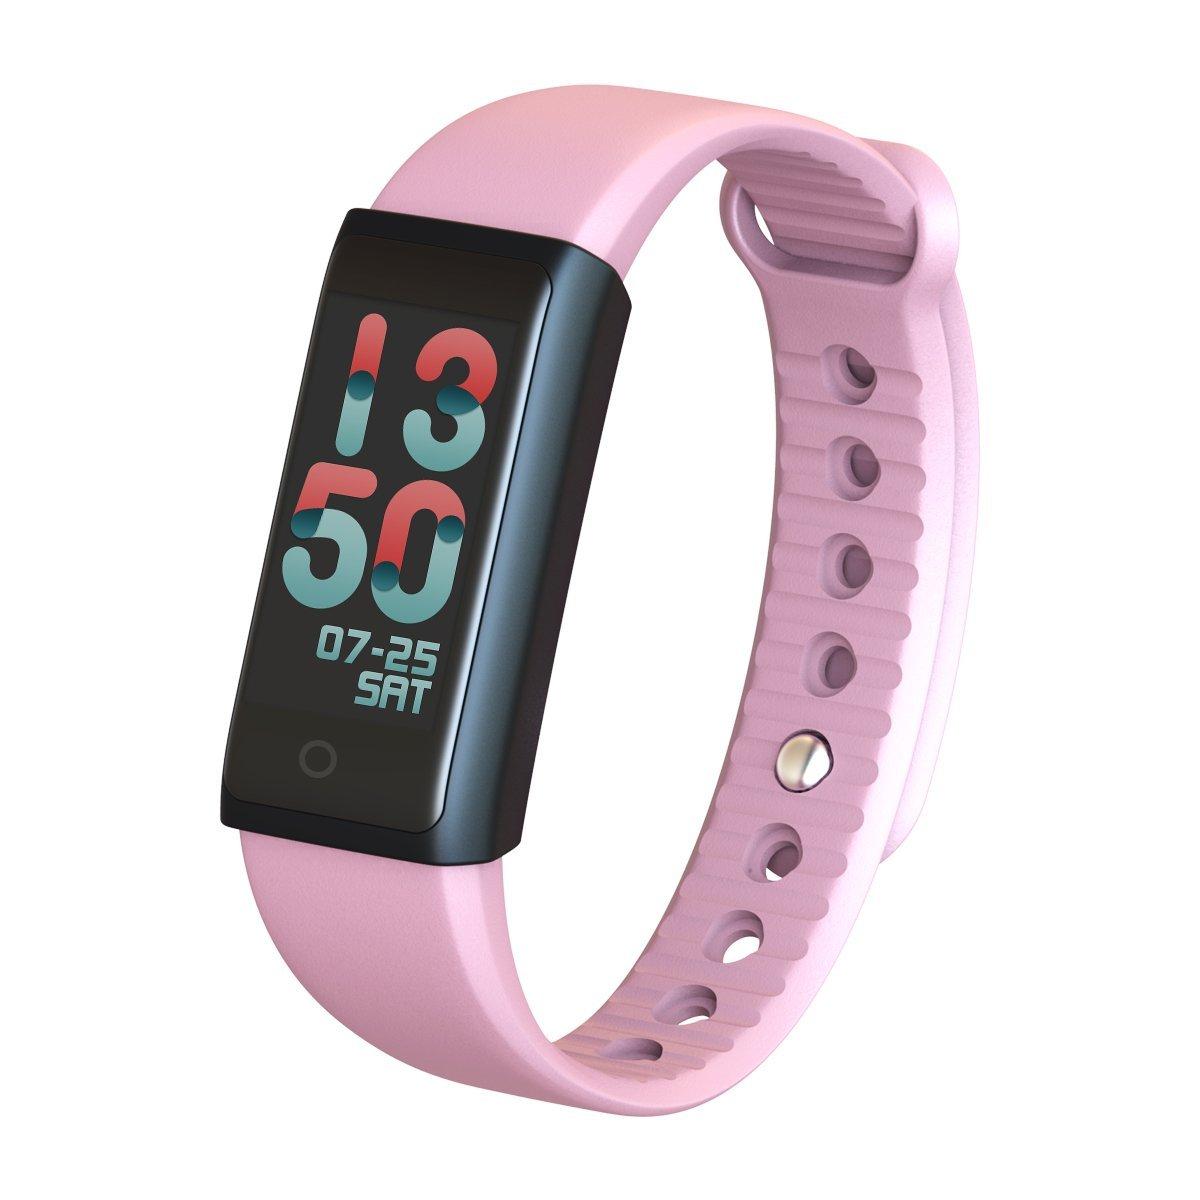 l3 smartbracelet pink